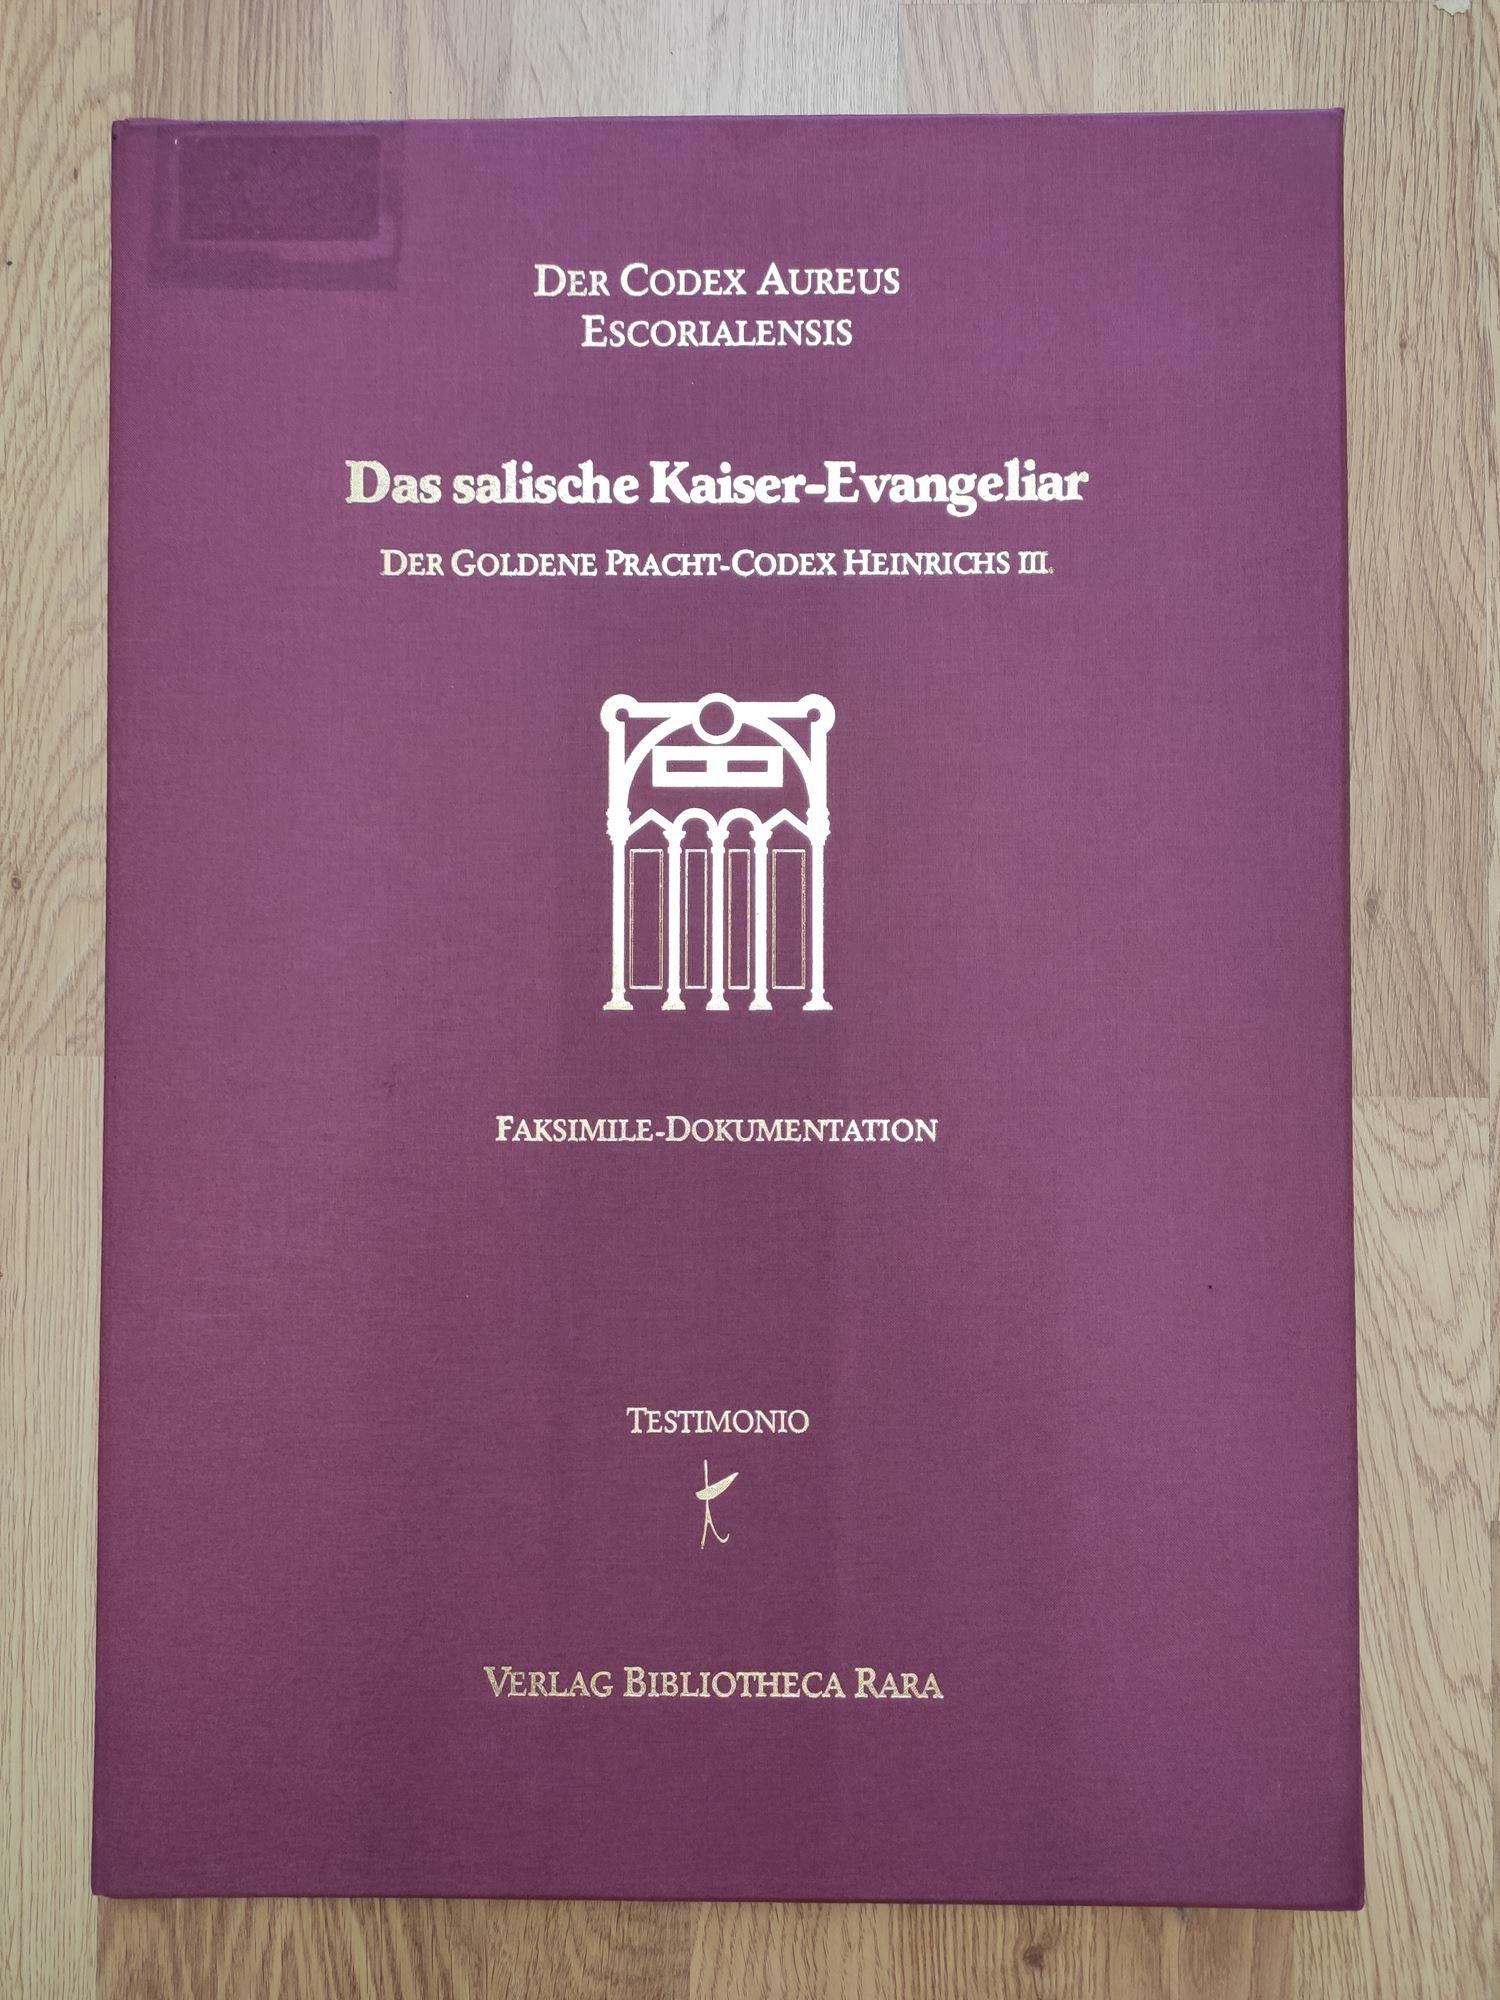 Das salische Kaiser-Evangeliar. Codex Aureus Excorialensis (Vitr.: Rathofer, Johannes (Erläuterungen)